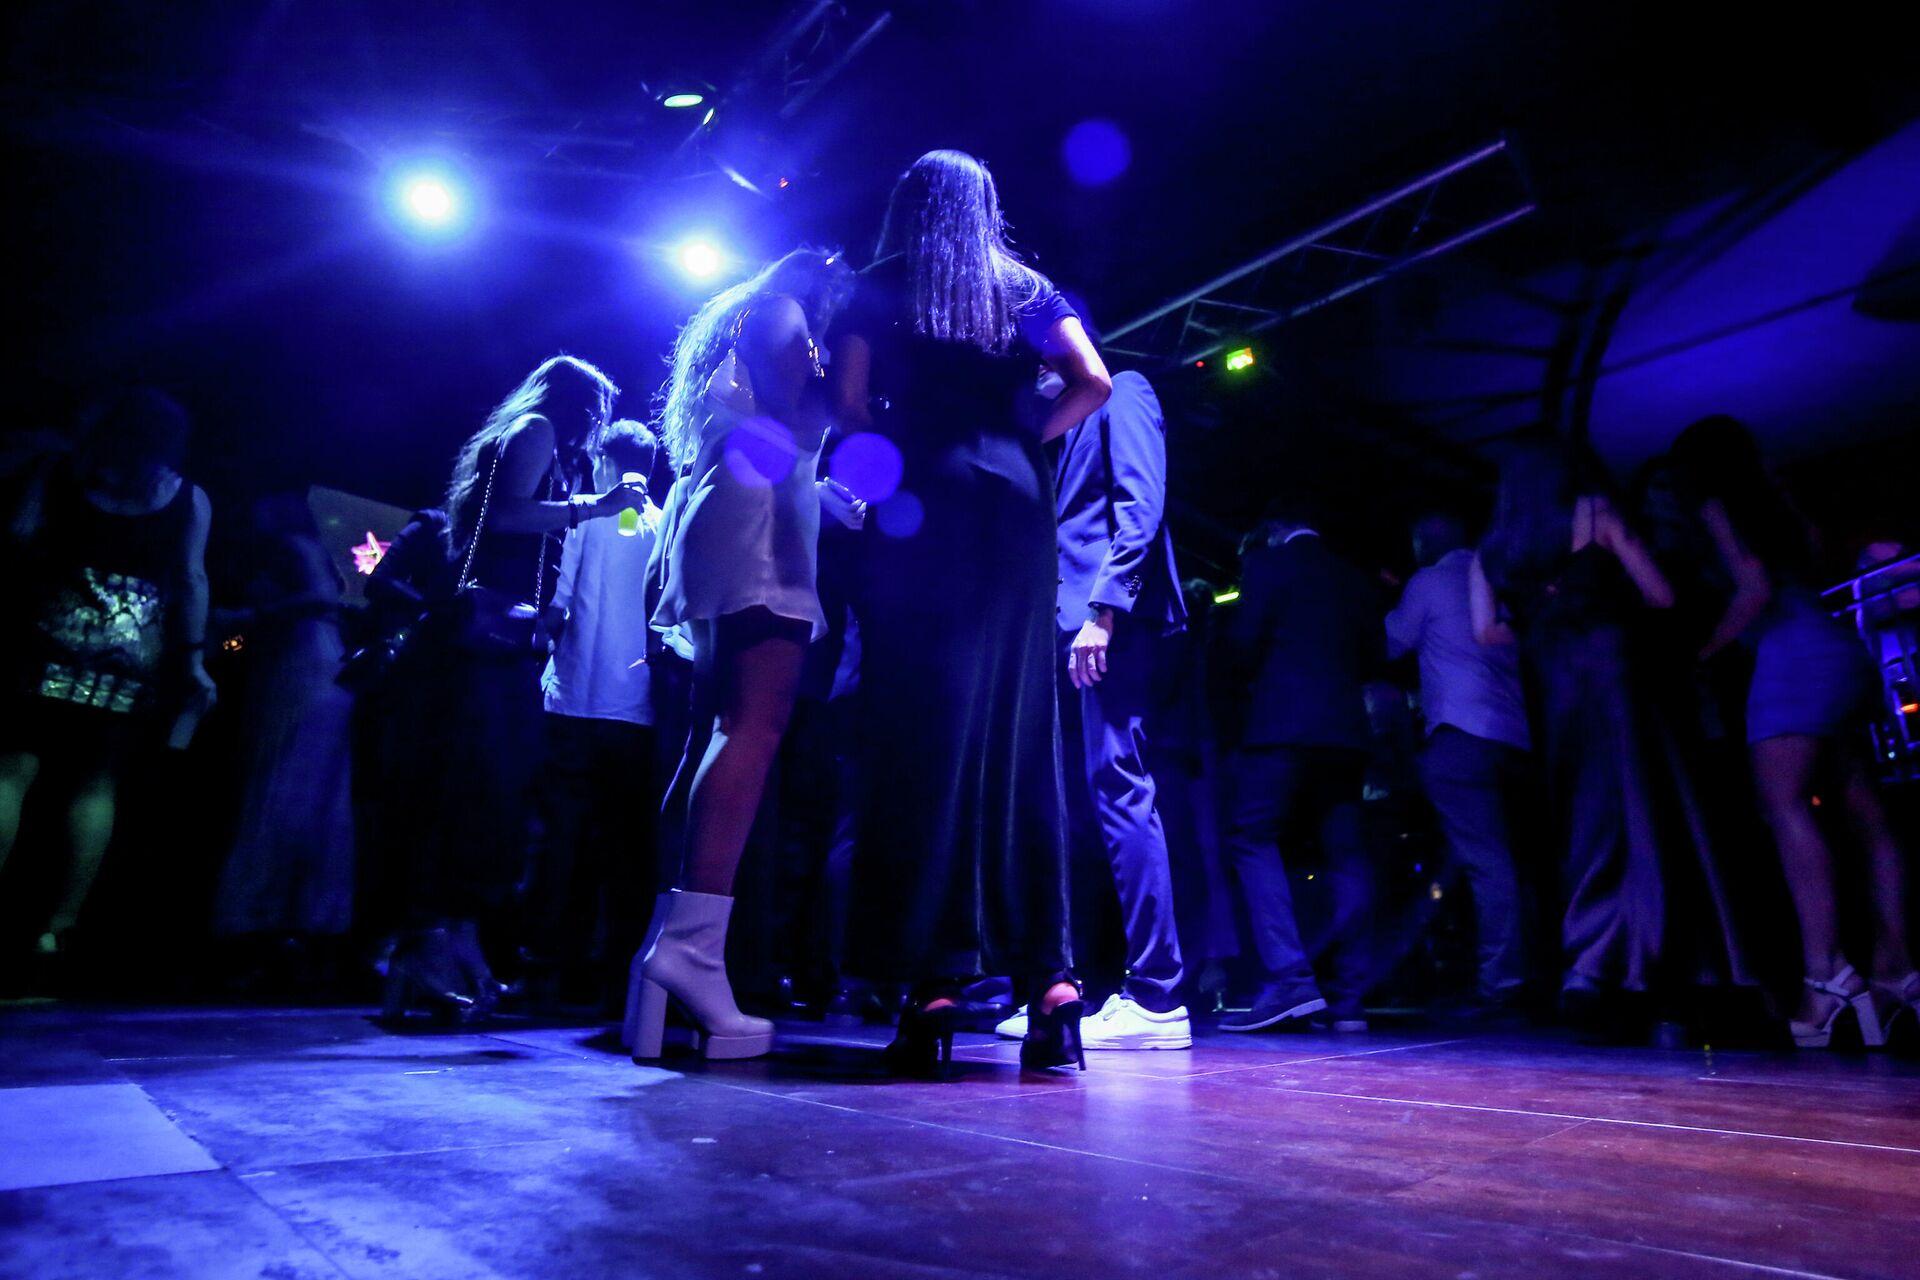 Personas en la pista de baile de una discoteca de Madrid  - Sputnik Mundo, 1920, 11.10.2021